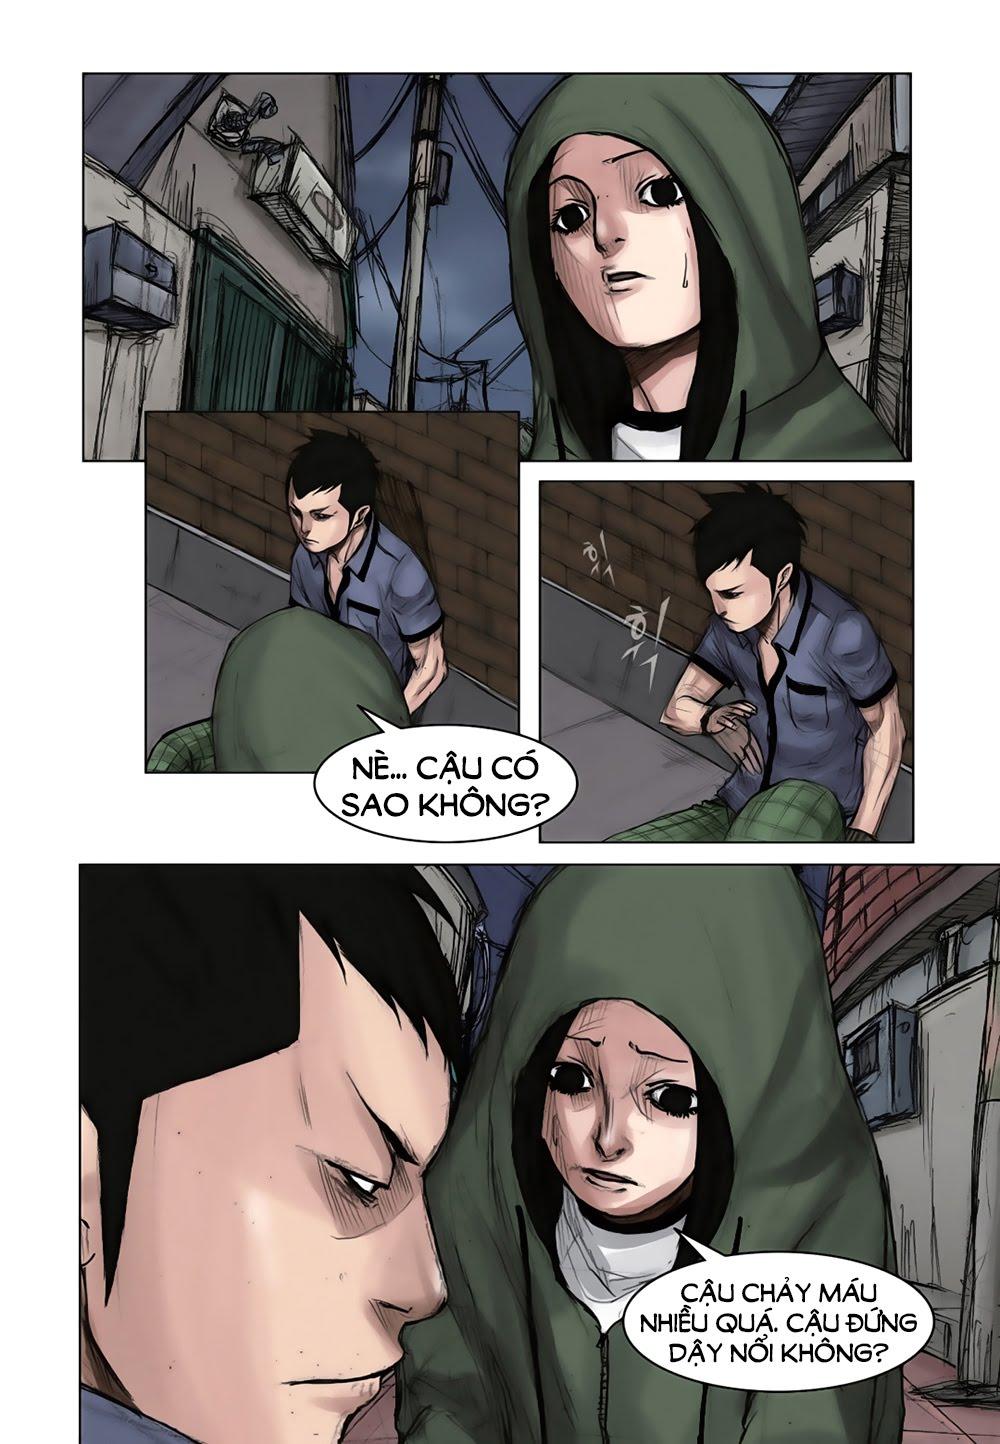 Tong phần 1-4 trang 33